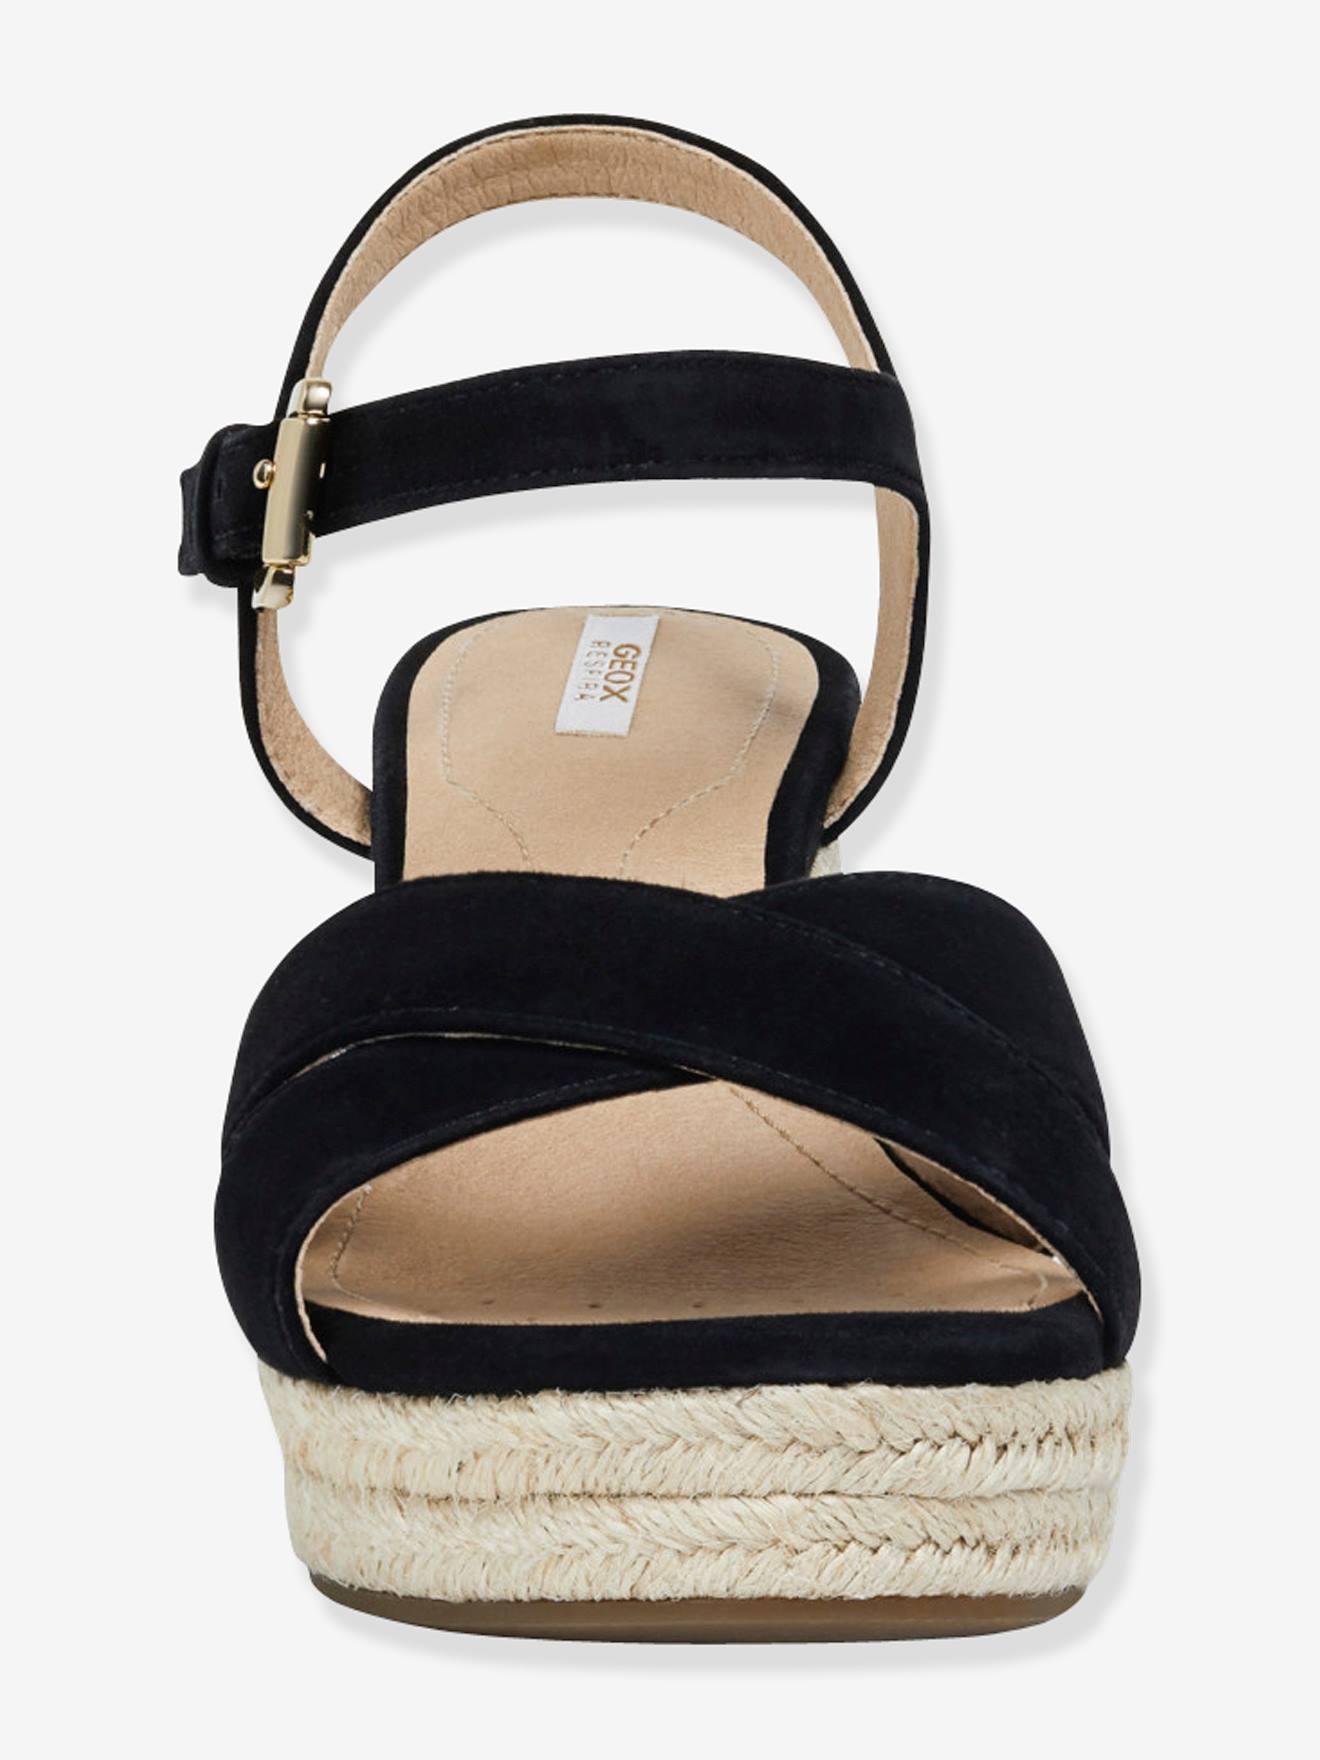 Sandales à brides D SOLEIL de GEOX® noir, Future Maman